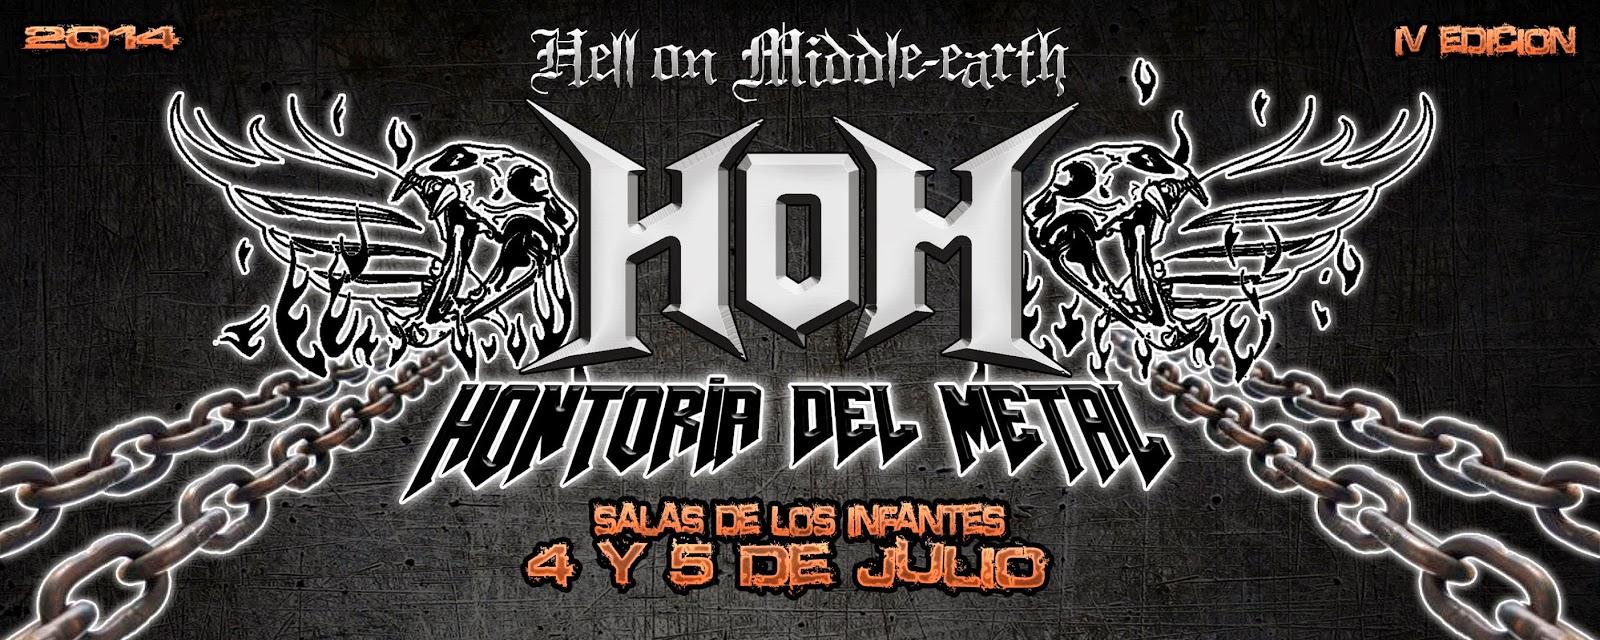 http://www.hontoriadelmetal.com/